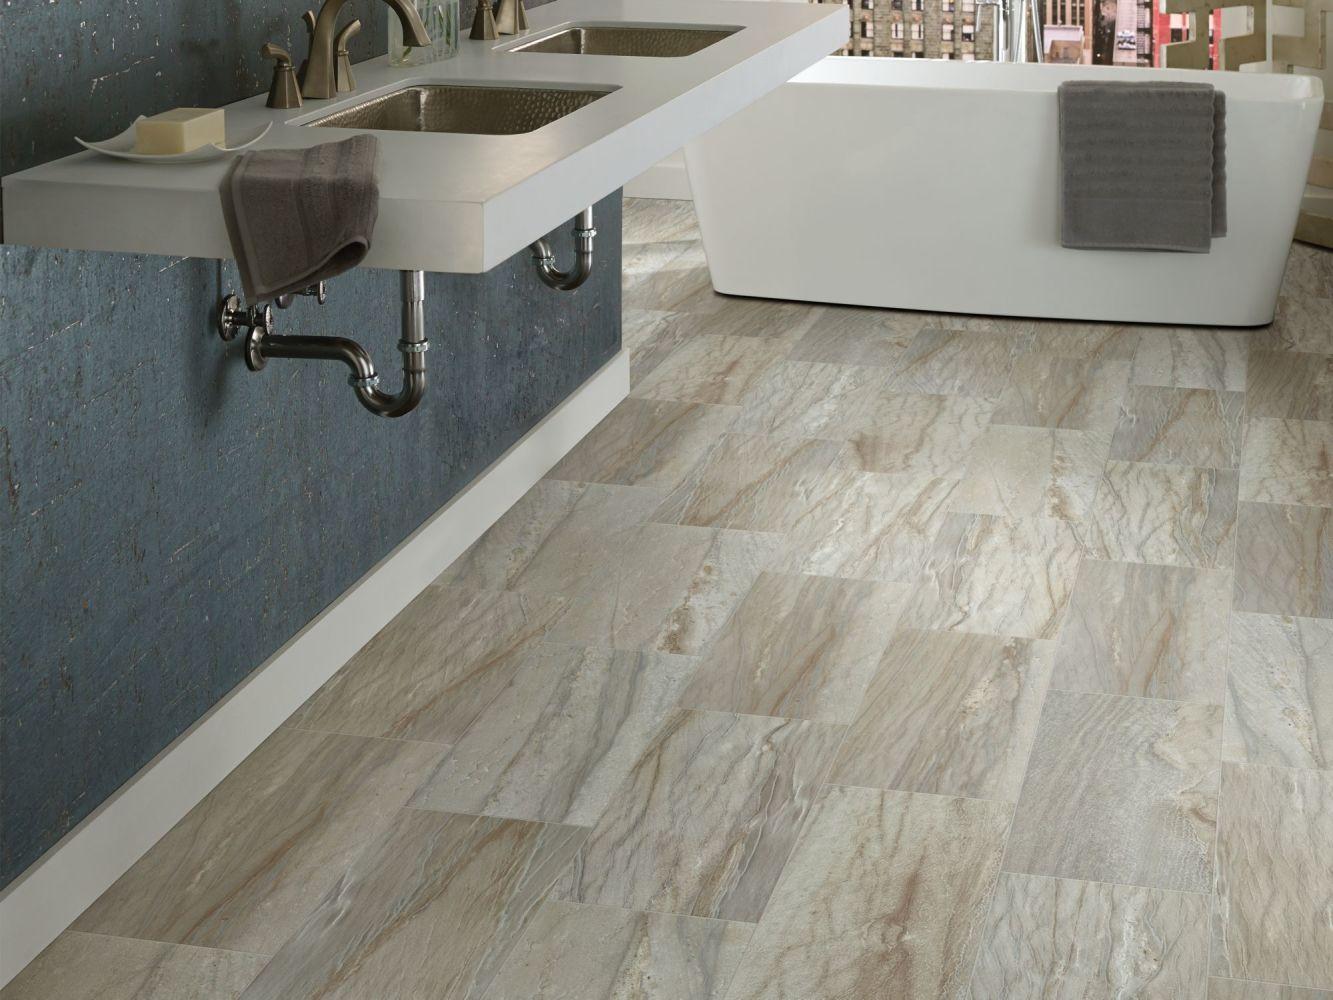 Shaw Floors Toll Brothers Ceramics Tide Water Mosaic Maya 00700_TL76C